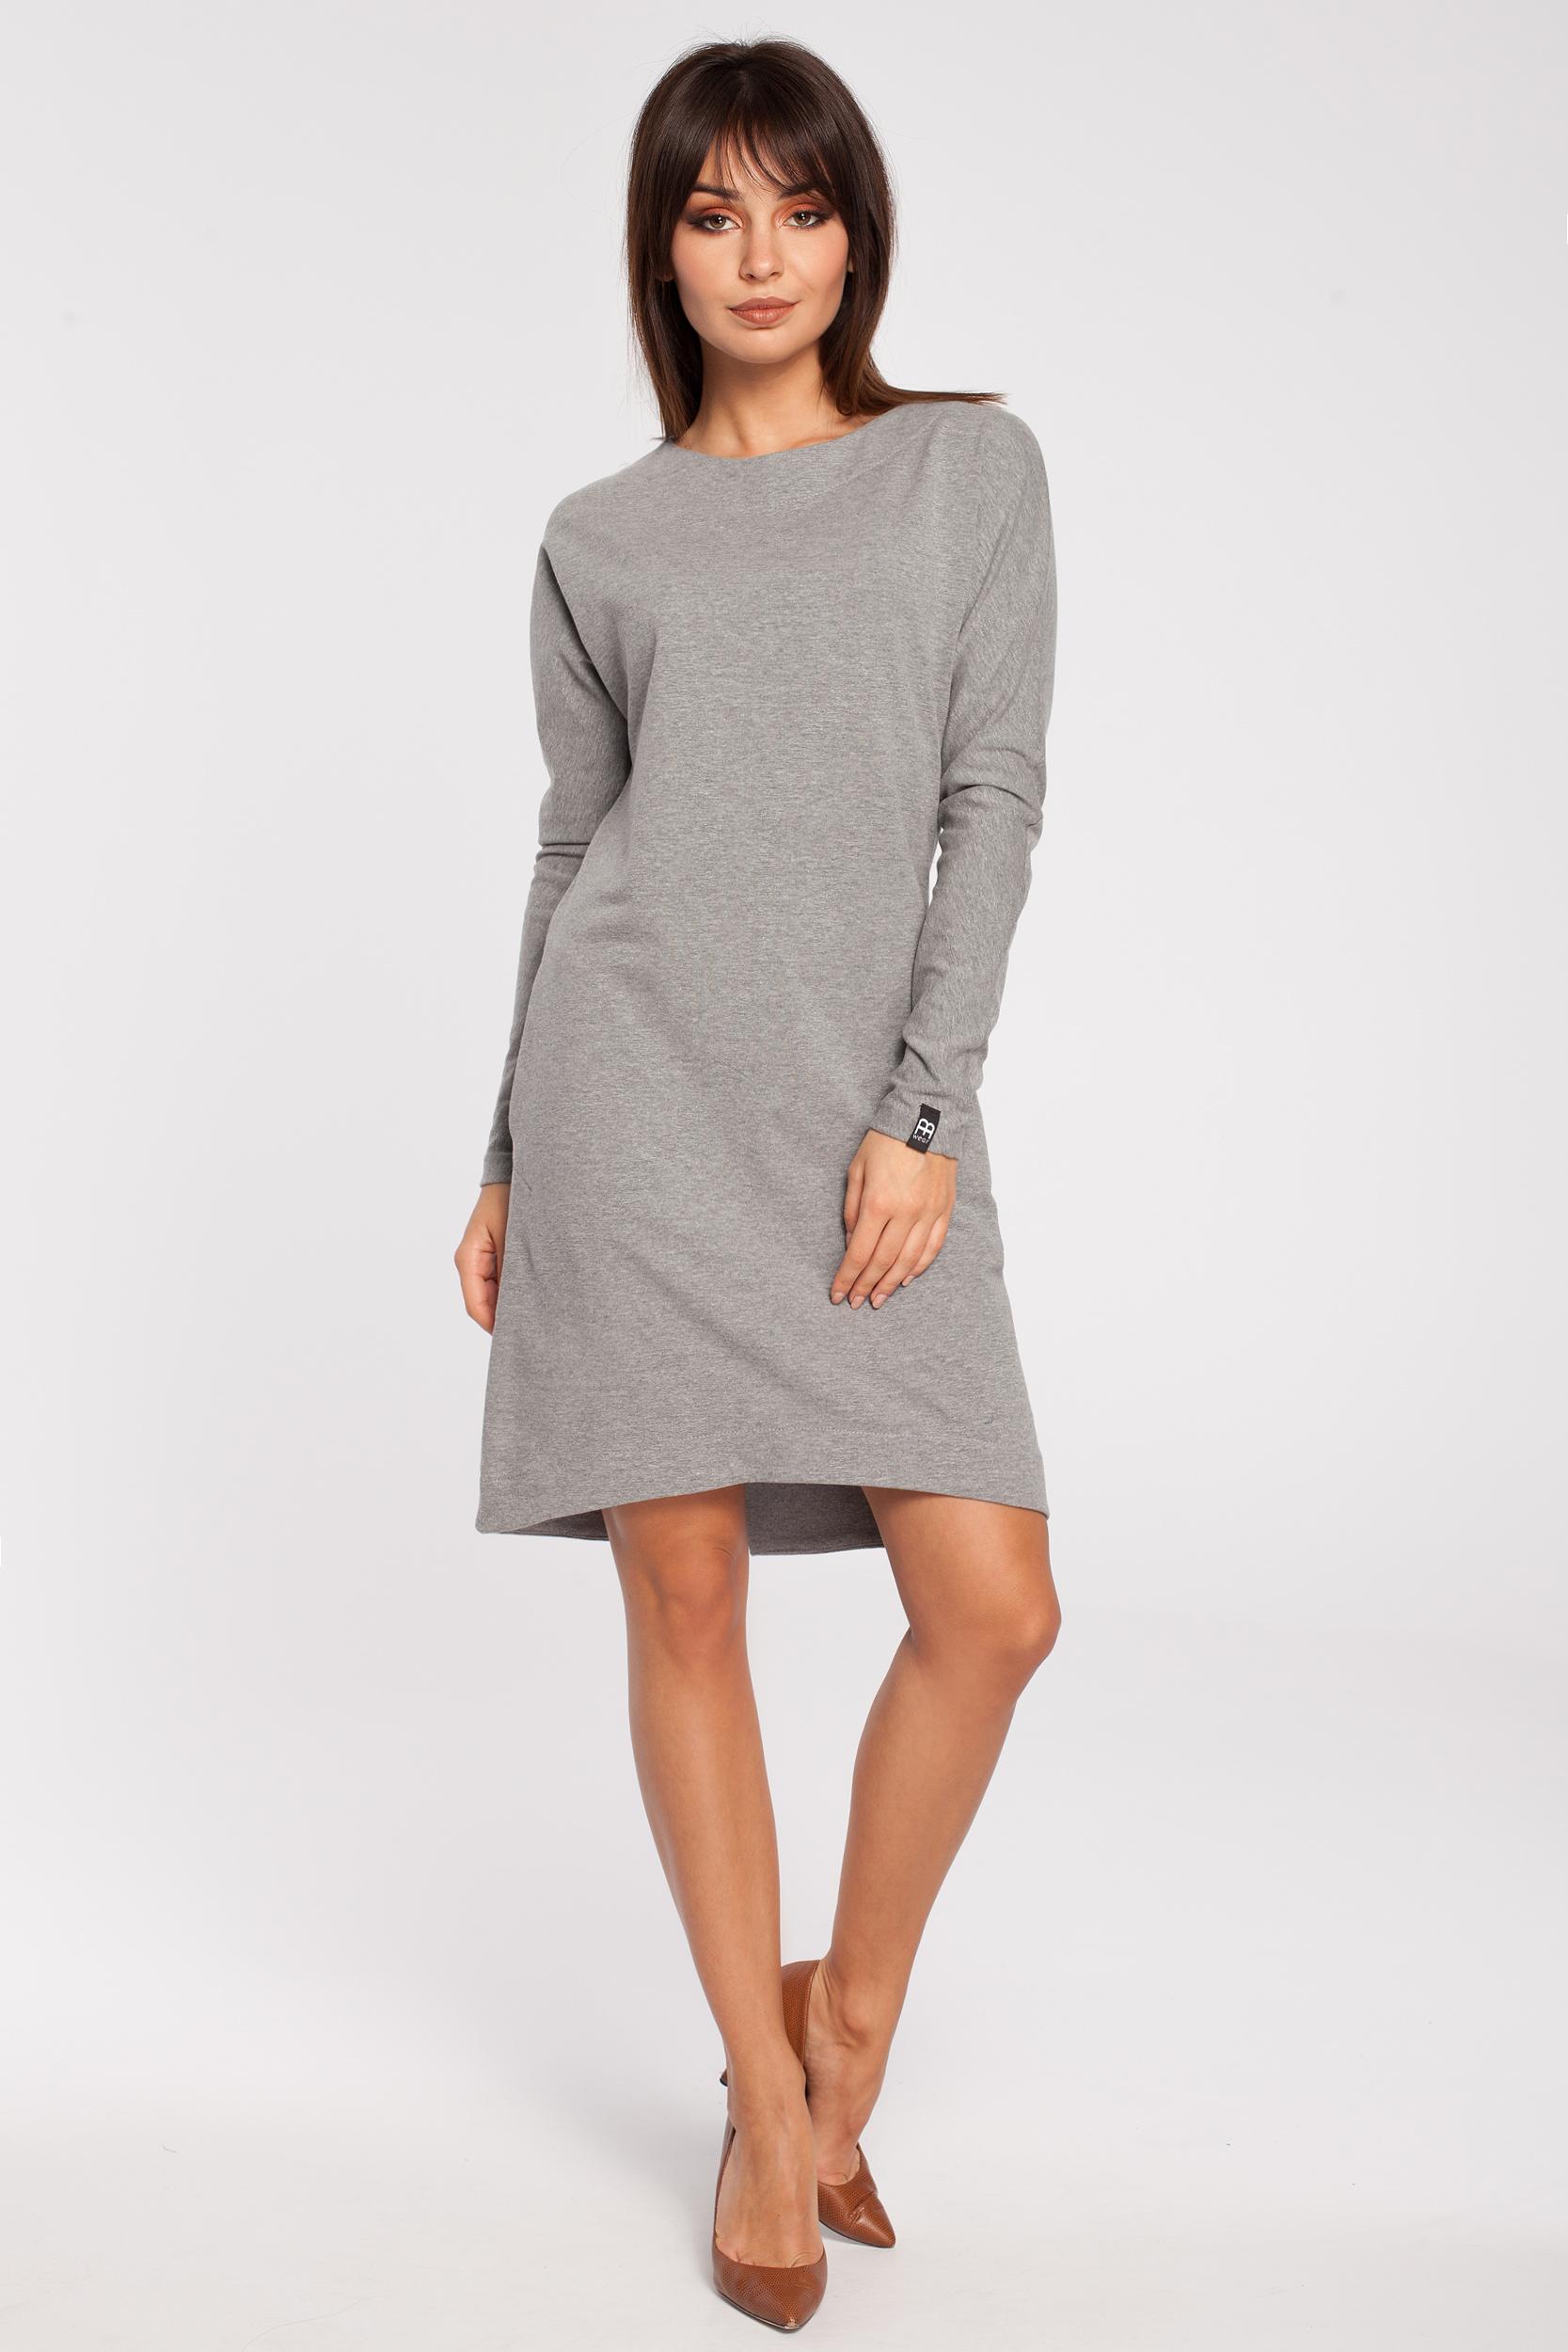 455117e428 CM2791 Trapezowa sukienka z długim rękawem - szara ...